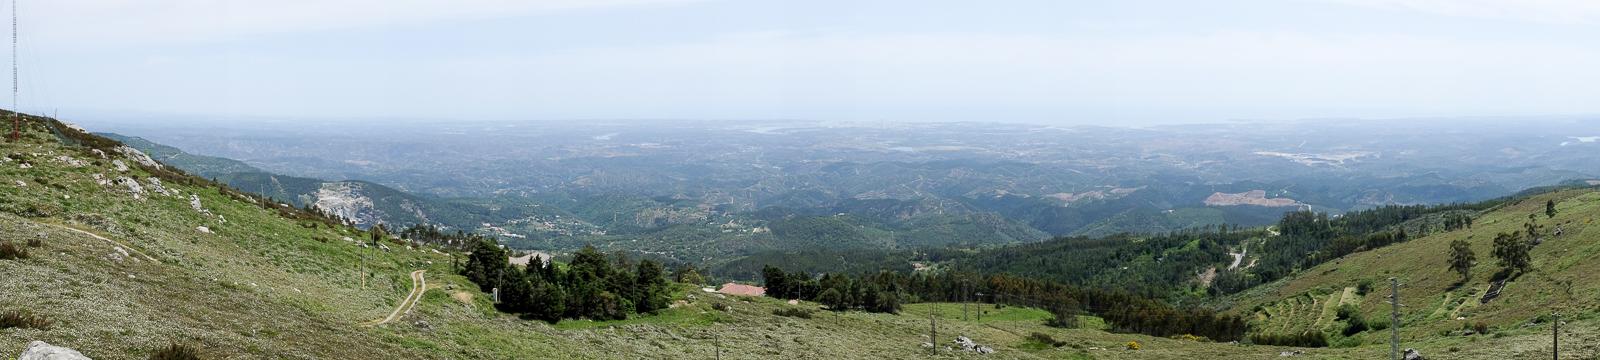 Dag03-Algarve-025-IMG_1682